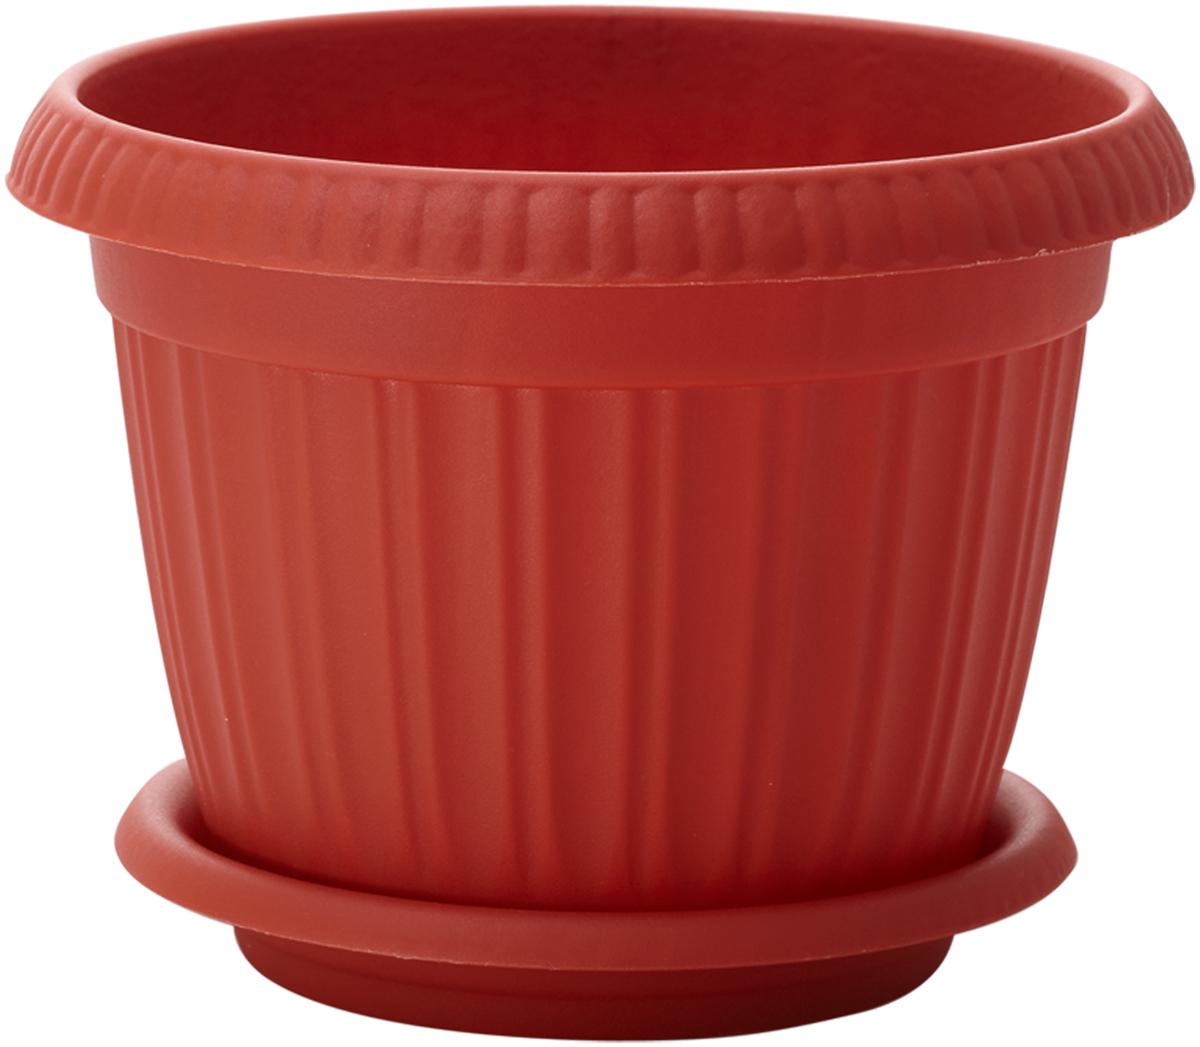 Горшок для цветов InGreen Таити, с подставкой, цвет: терракотовый, диаметр 16 смZ-0307Горшок InGreen Таити выполнен из высококачественного полипропилена (пластика) и предназначен для выращивания цветов, растений и трав. Снабжен подставкой для стока воды.Такой горшок порадует вас функциональностью, а благодаря лаконичному дизайну впишется в любой интерьер помещения.Диаметр горшка (по верхнему краю): 16 см. Высота горшка: 12,4 см.